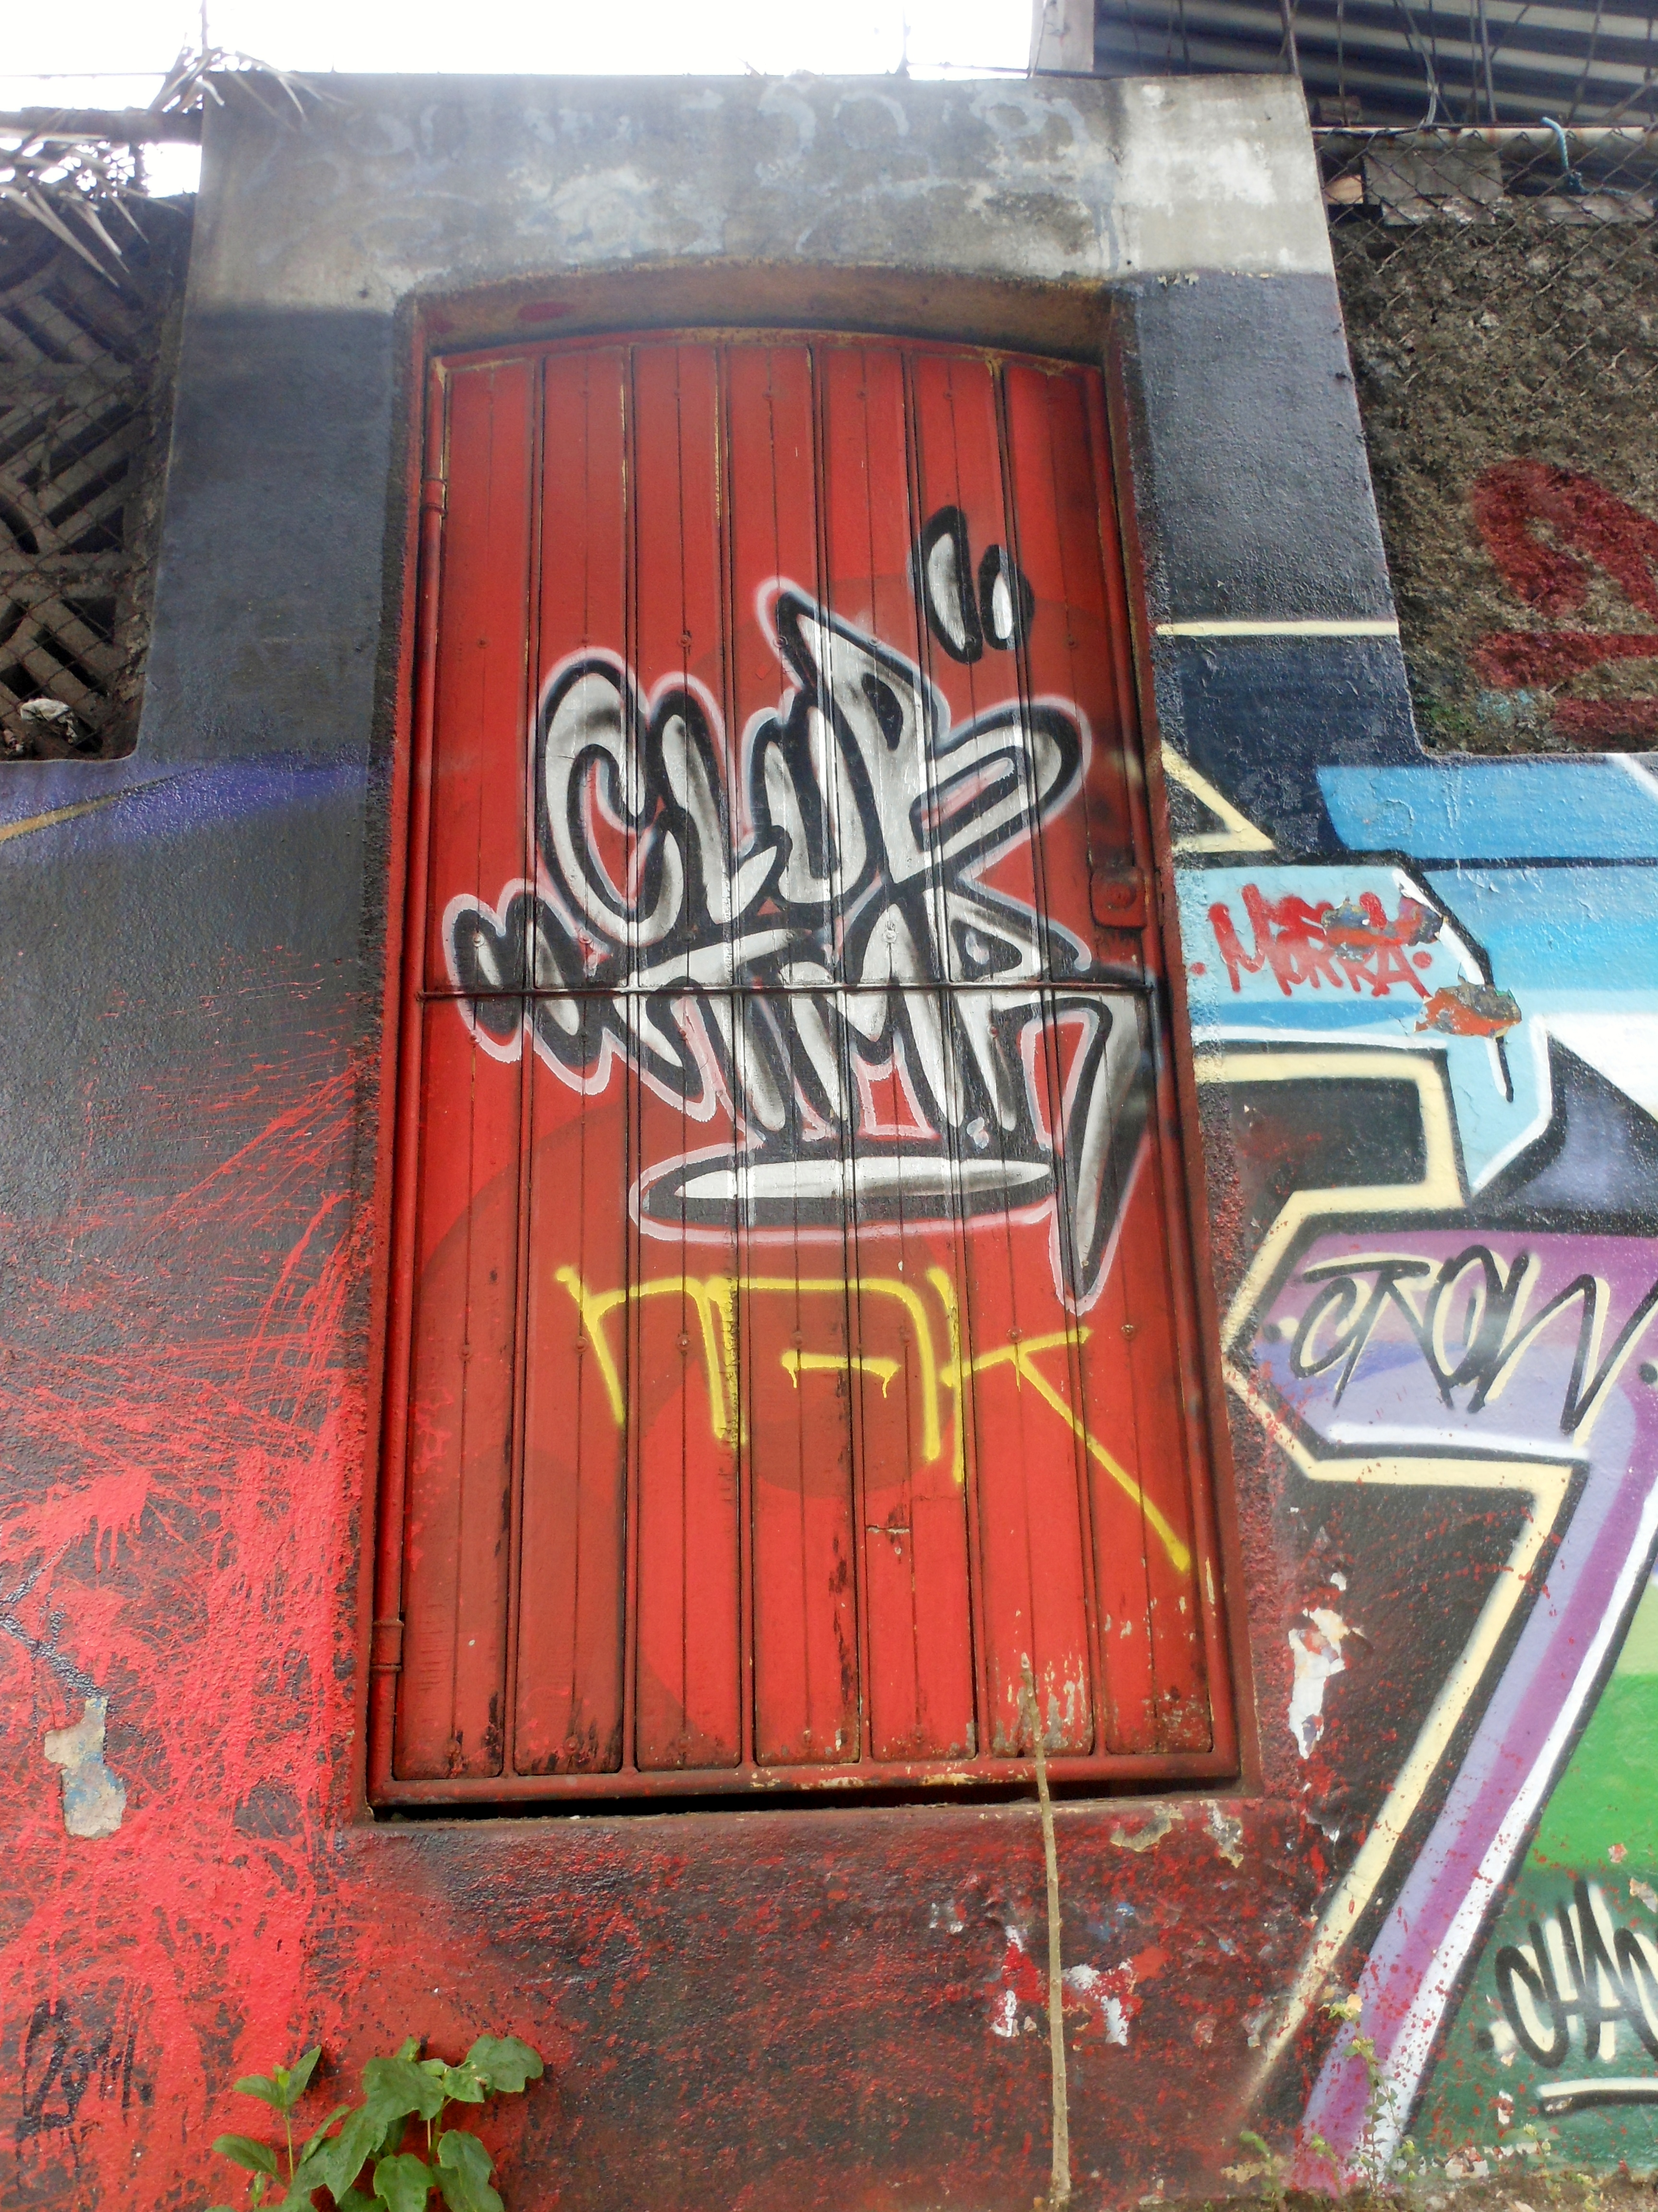 graffiti-8-managua-nicaragua_14052080145_o